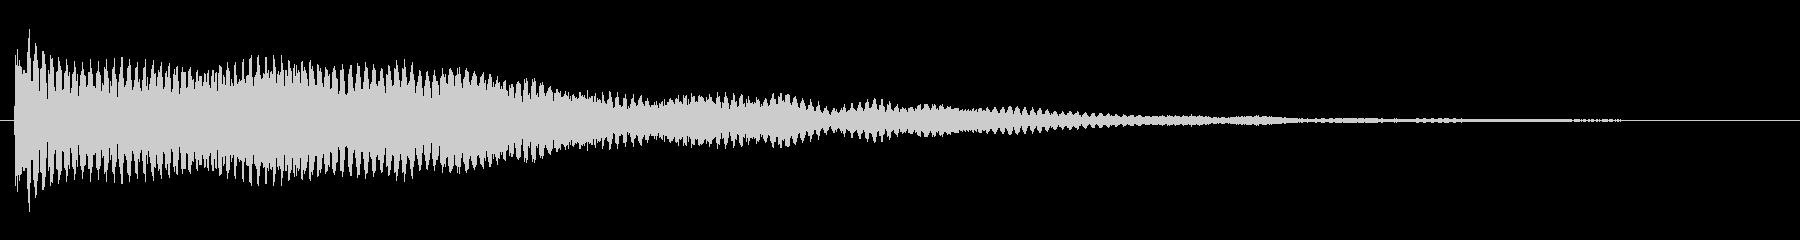 シンプルなクイズヒット、早押しボタンの未再生の波形